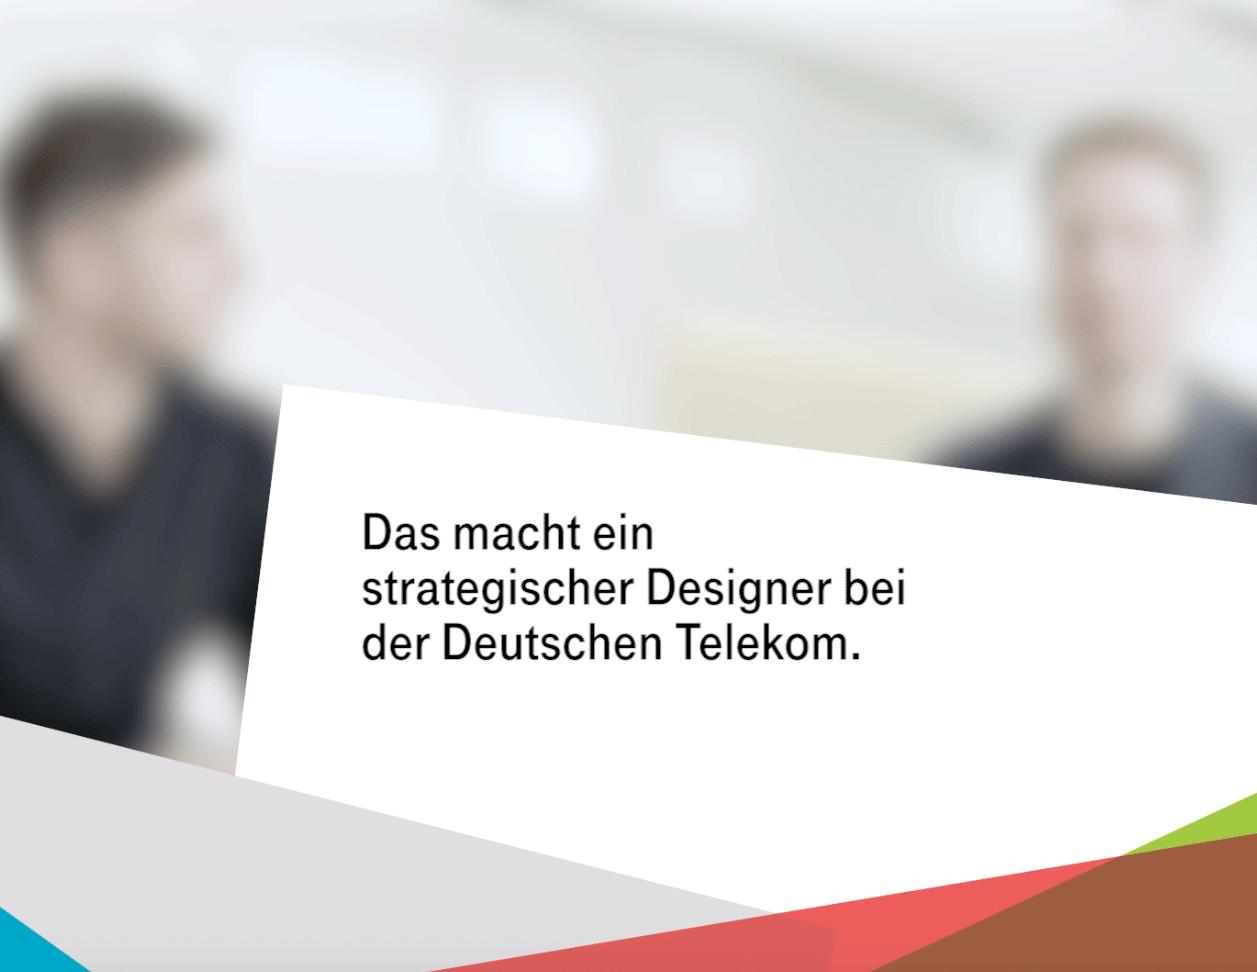 Strategischer Designer bei der Deutschen Telekom, PAGE Connect